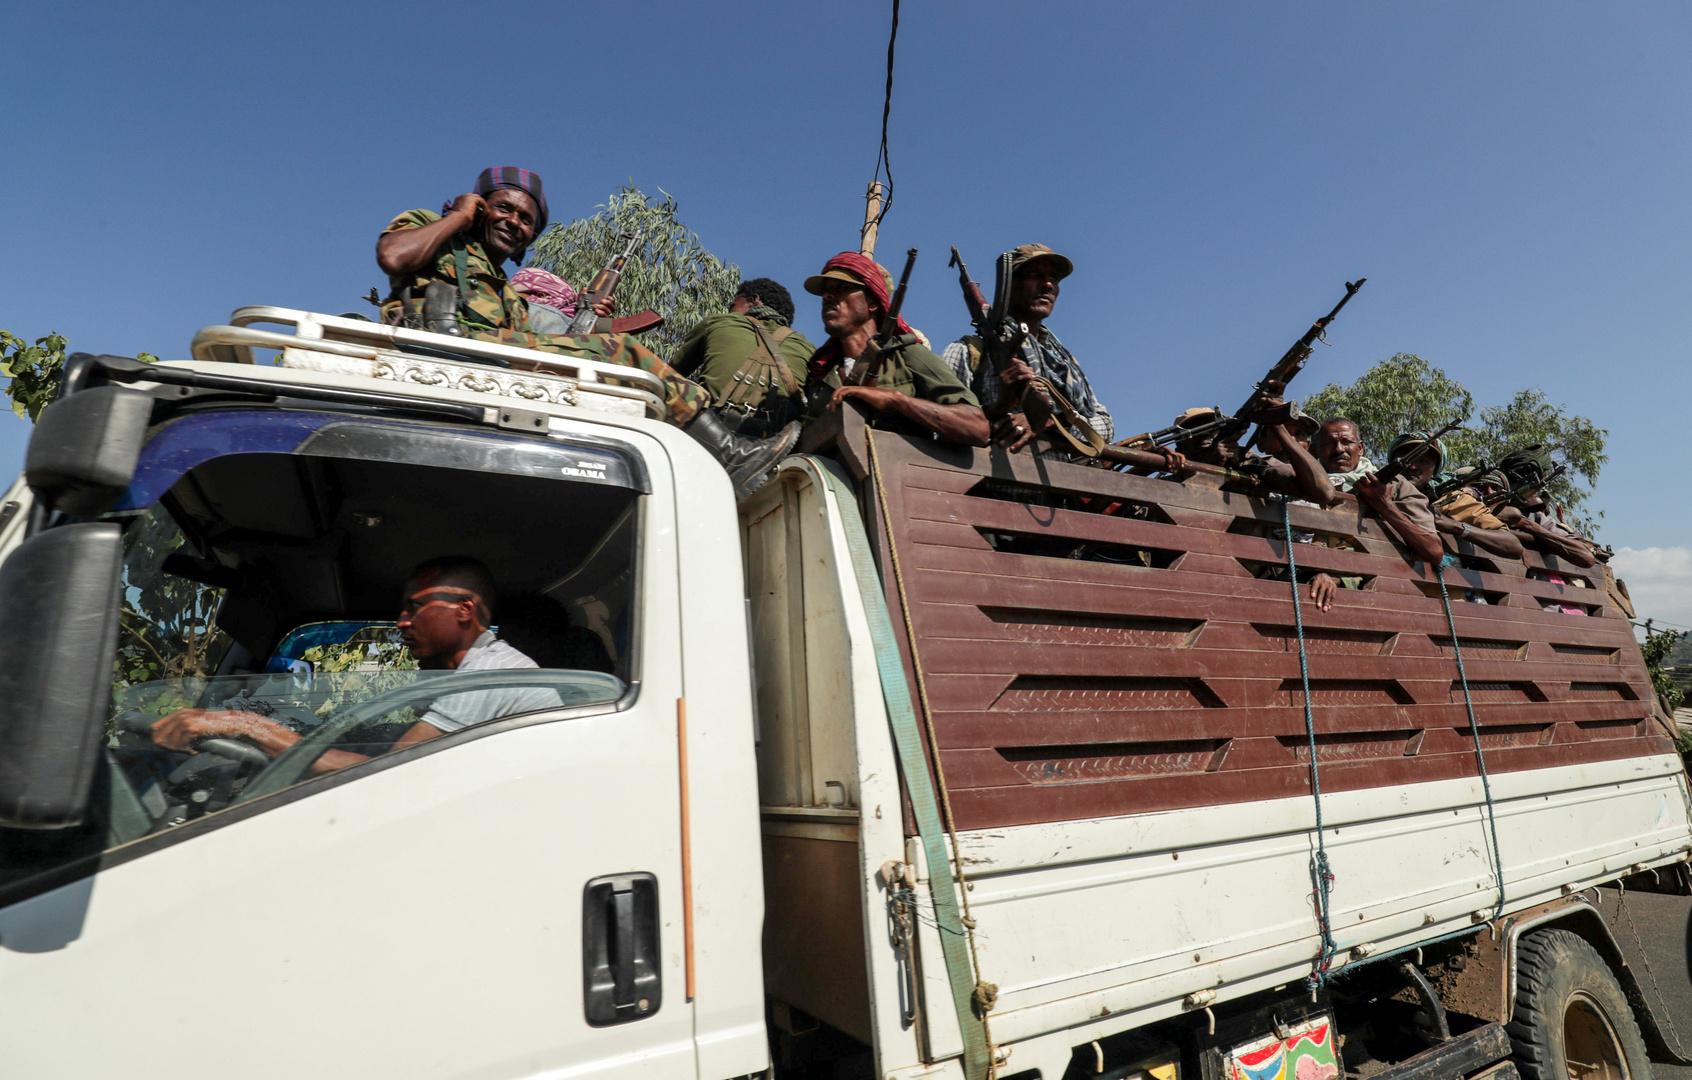 الجيش الإثيوبي ينوي استخدام الدبابات والمدفعية في معركة استعادة عاصمة تيغراي